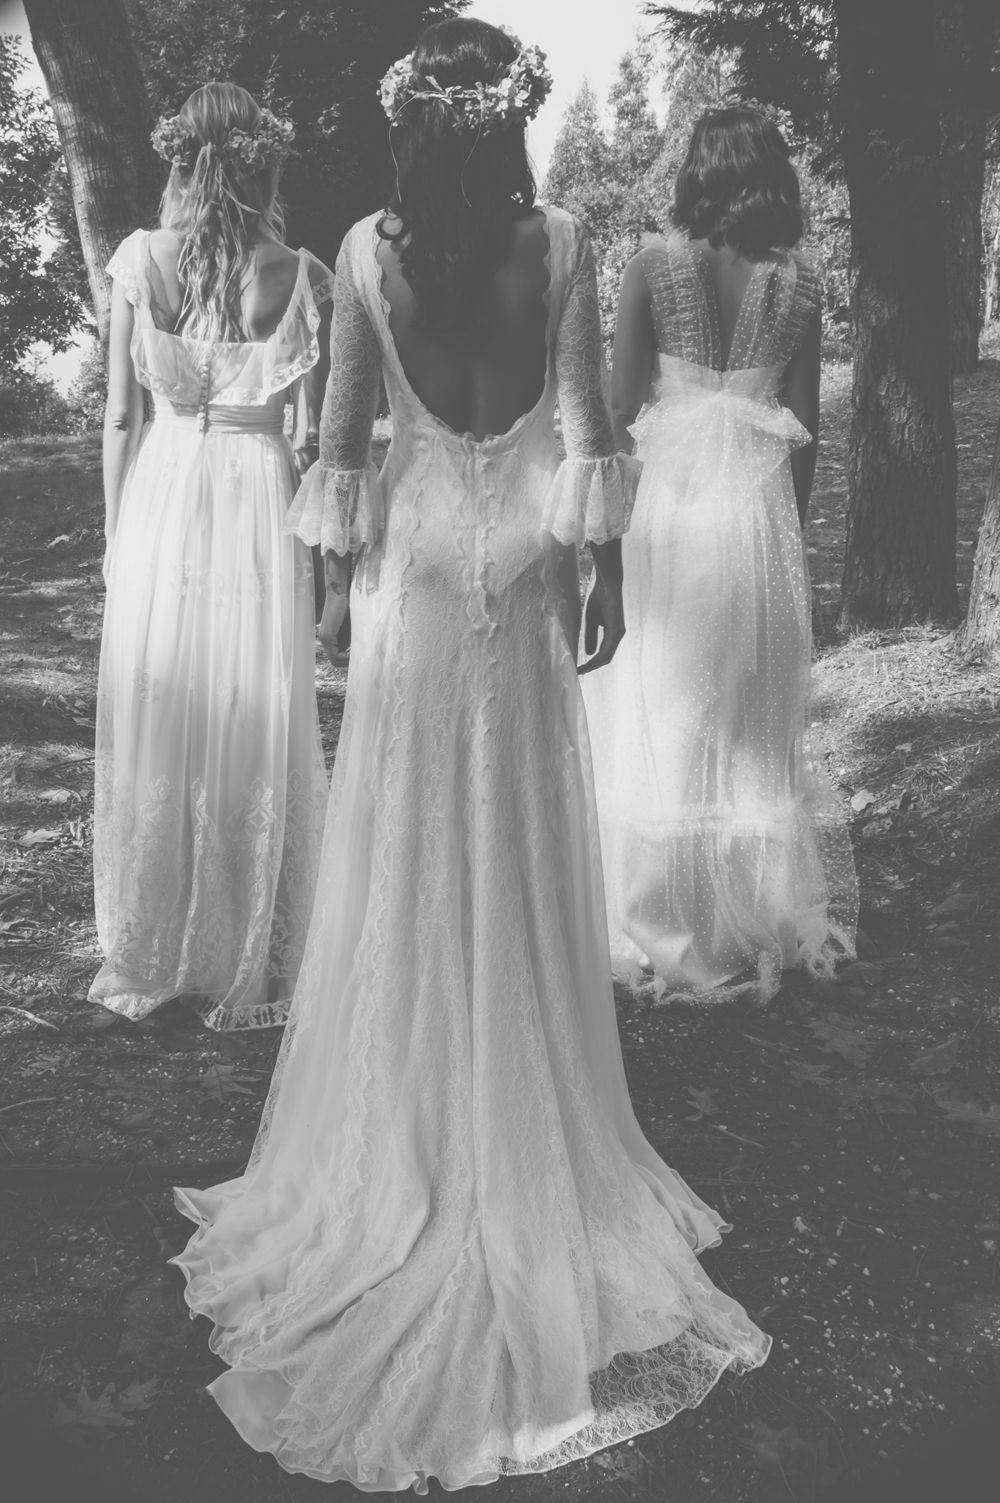 Vestido de novia boho bride boho dress photo melissa adams